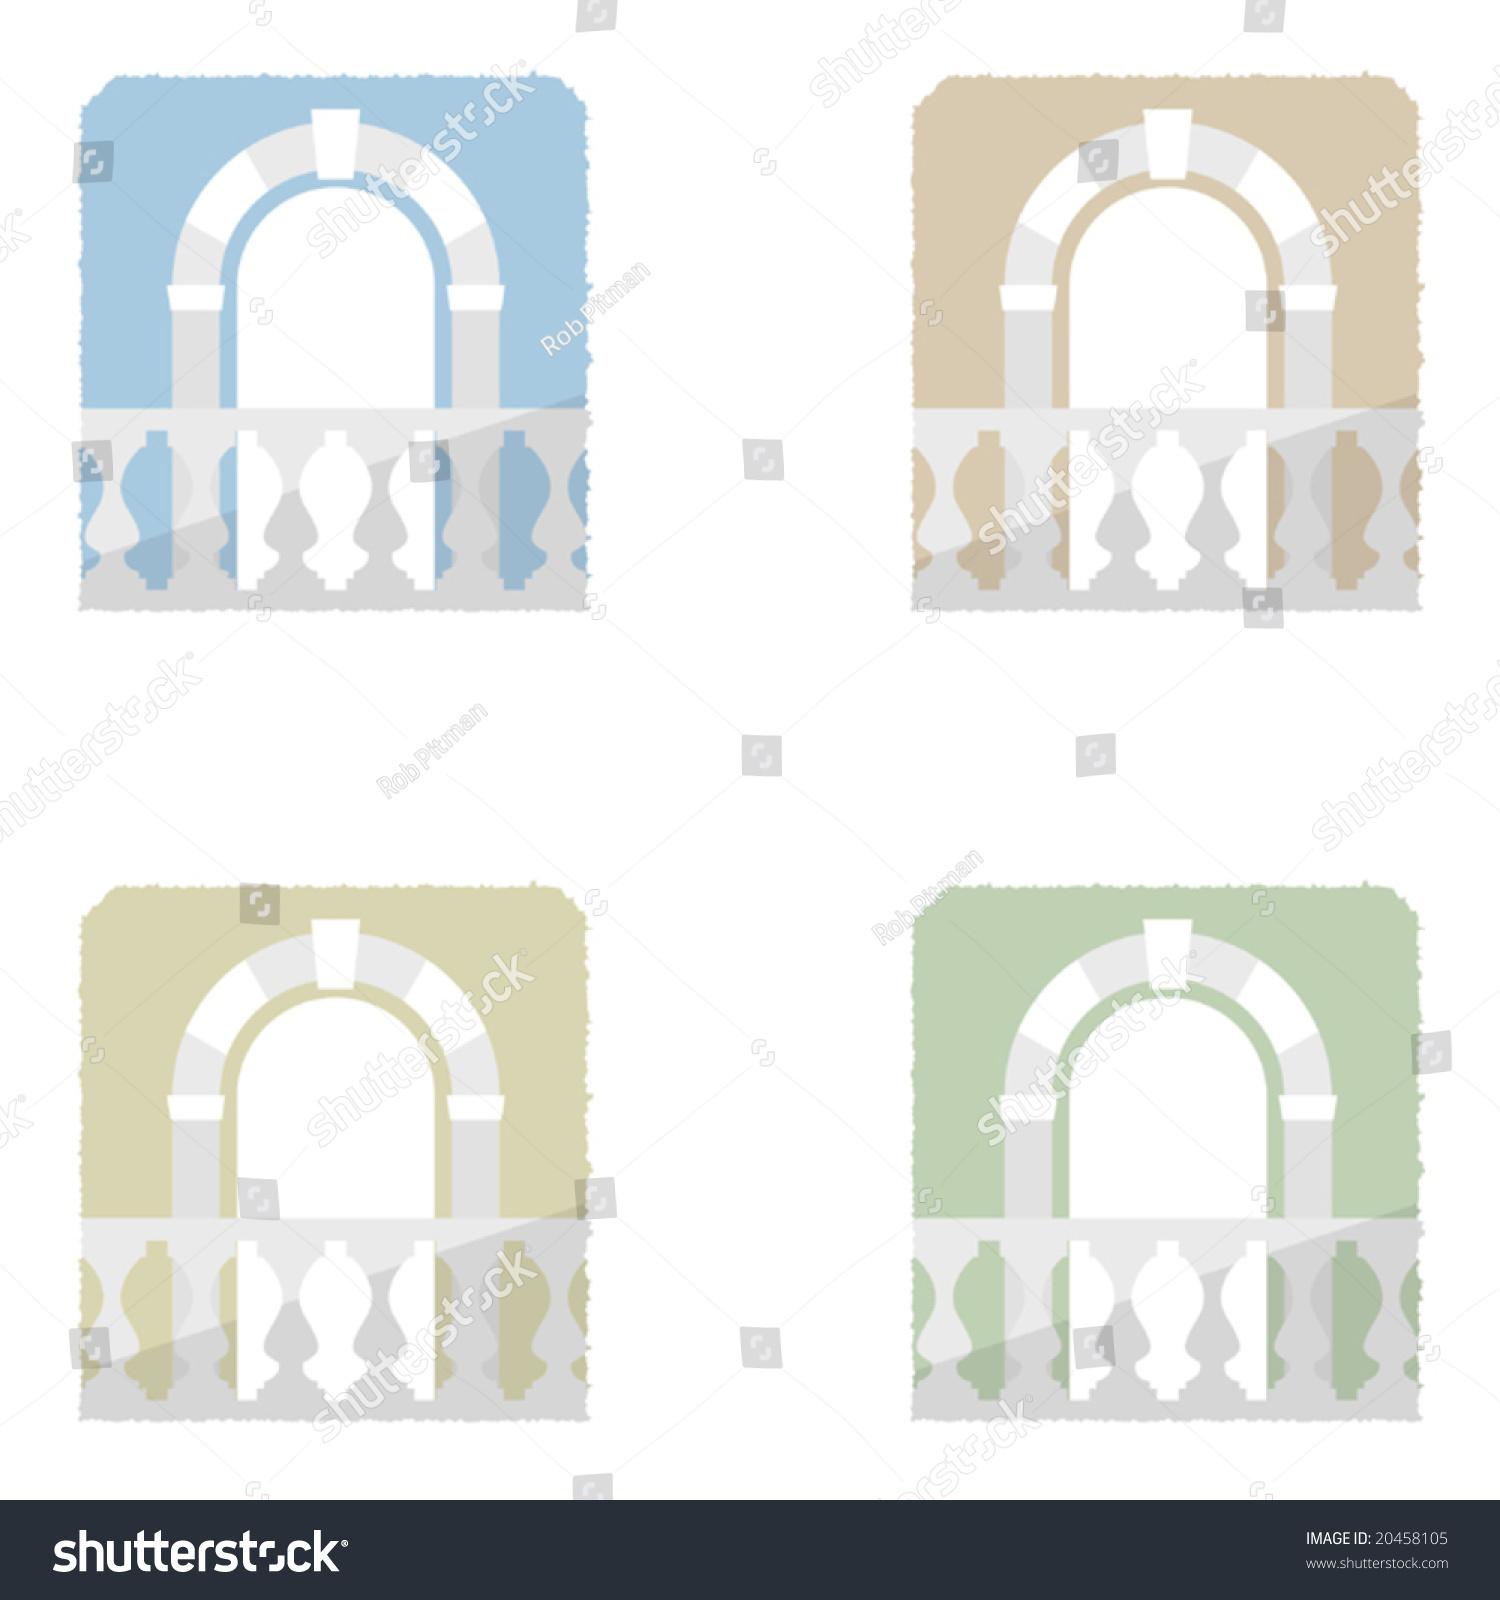 Vector doorway and balcony element 20458105 shutterstock for Balcony vector